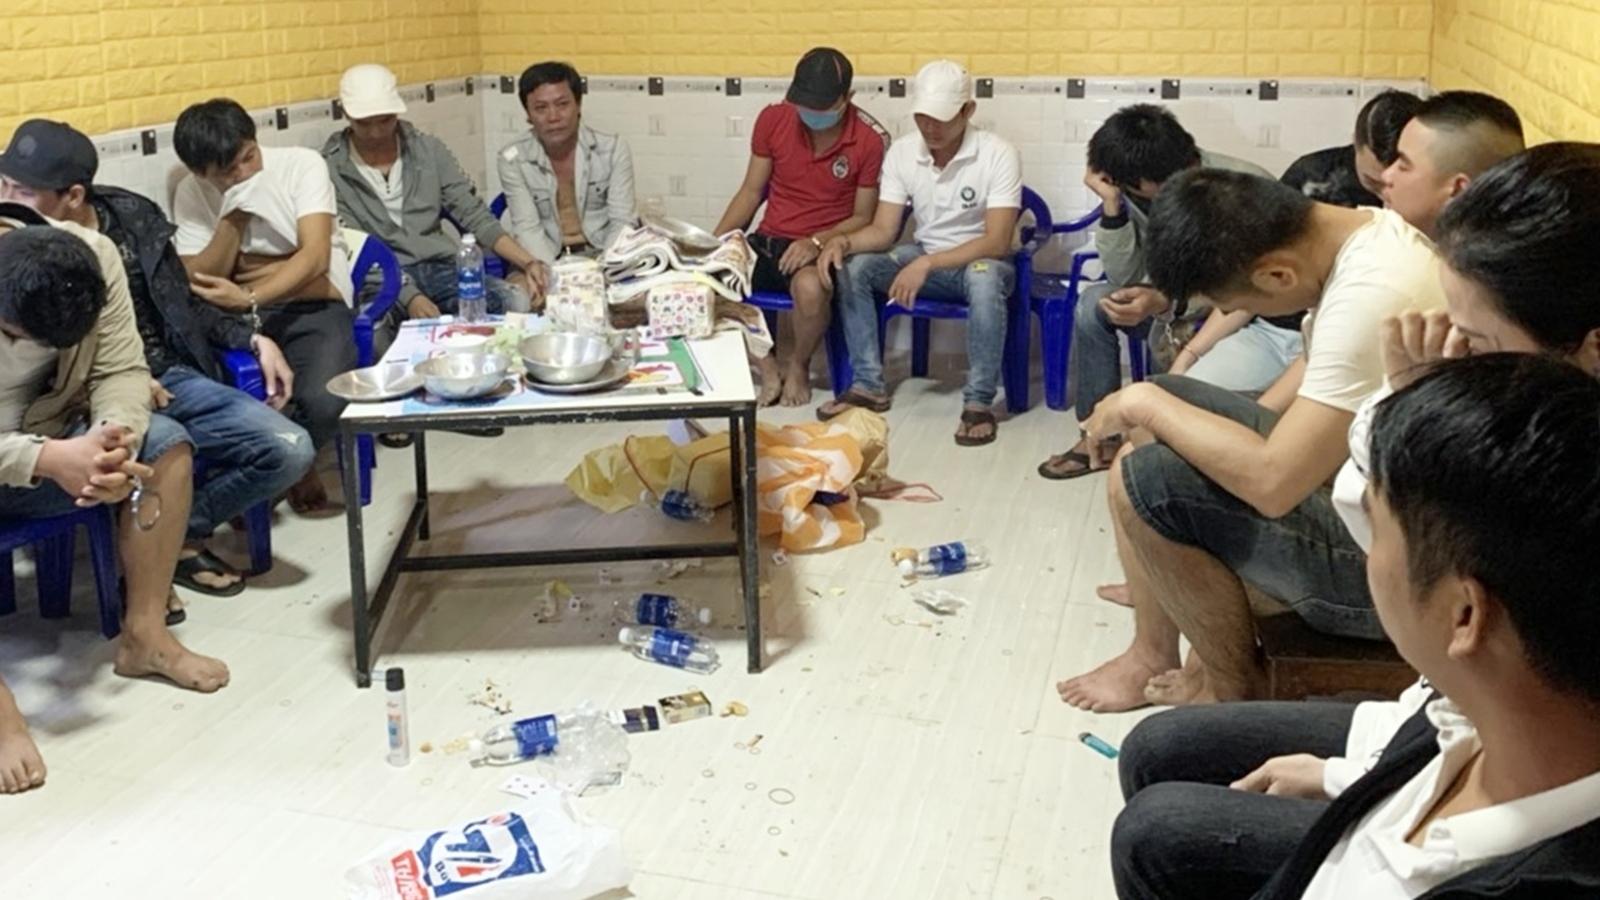 Công an Quảng Nam triệt xóa tụ điểm đánh bạc, cho vay lãi nặng